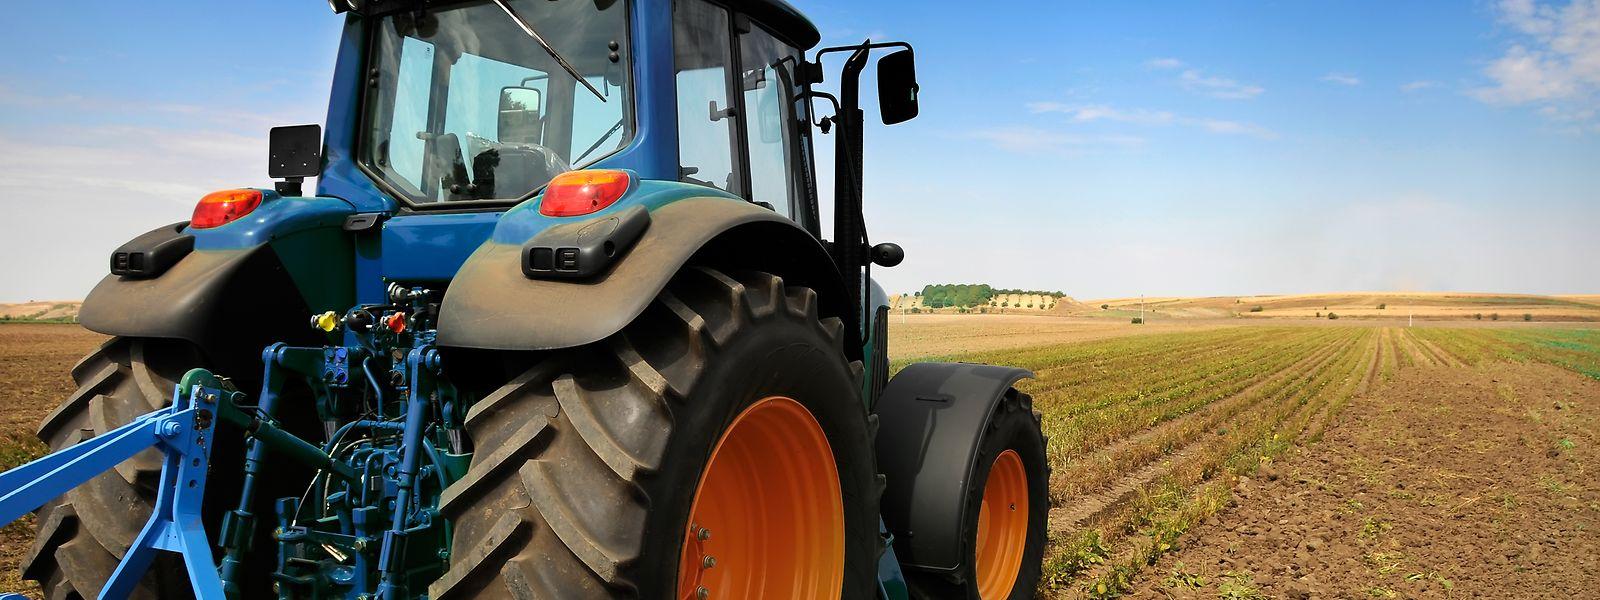 Angesichts der hohen Geschwindigkeit bei der technischen Entwicklung bewertet die Landwirtschaftskammer die derzeitigen finanziellen Hilfen in diesem Bereich als unzureichend.